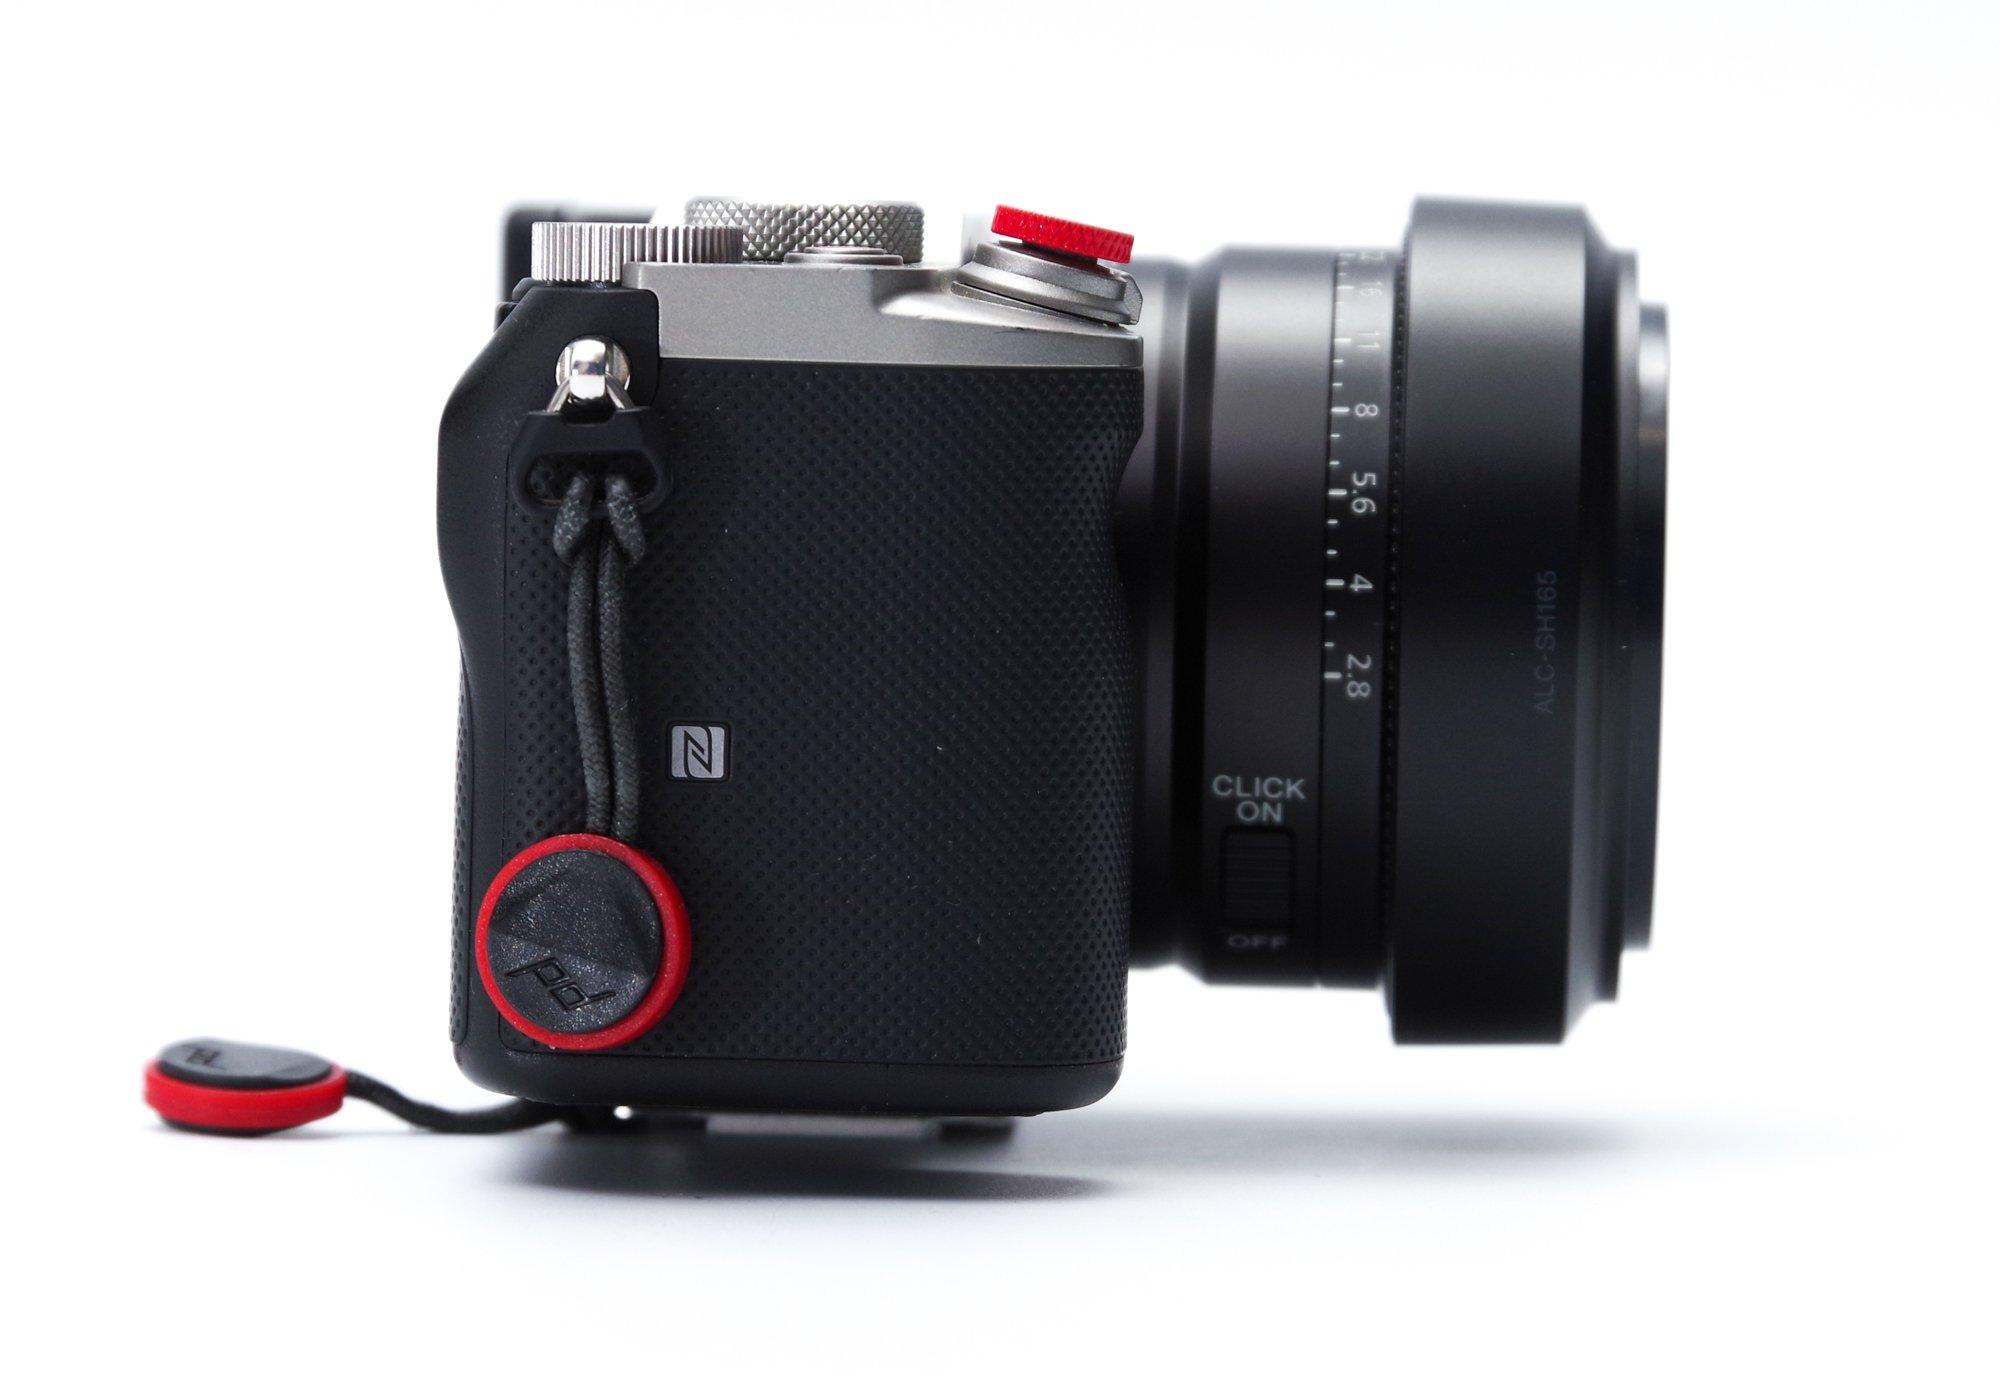 Sony 24mm F2.8 G